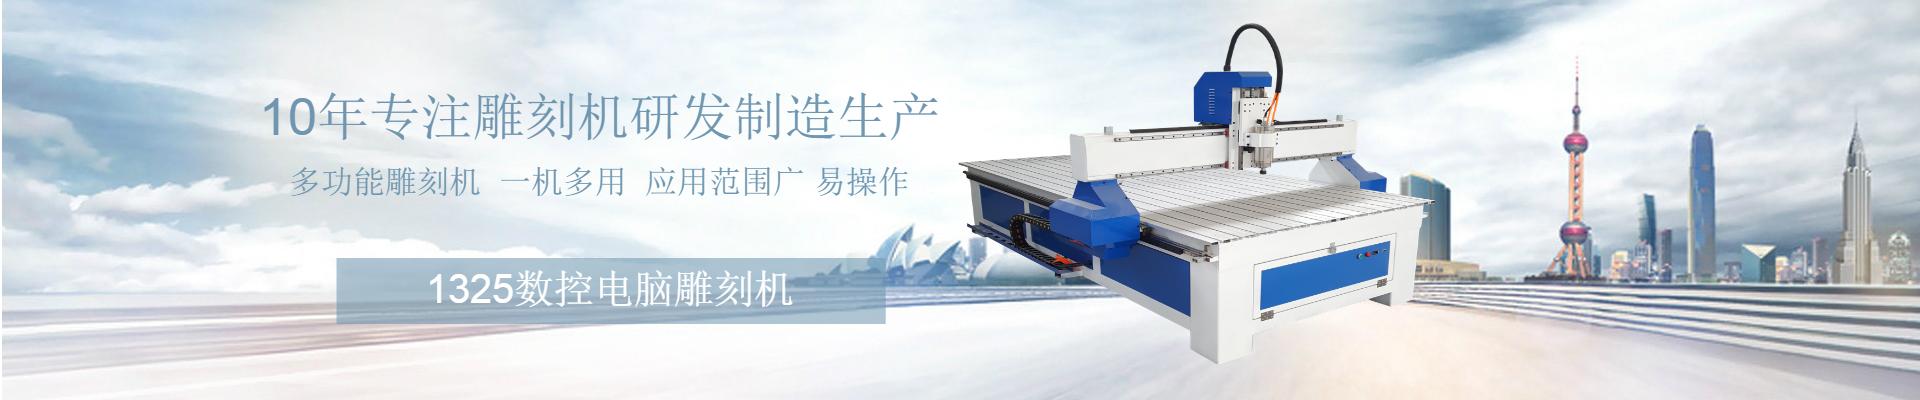 大城县博畅数控设备厂